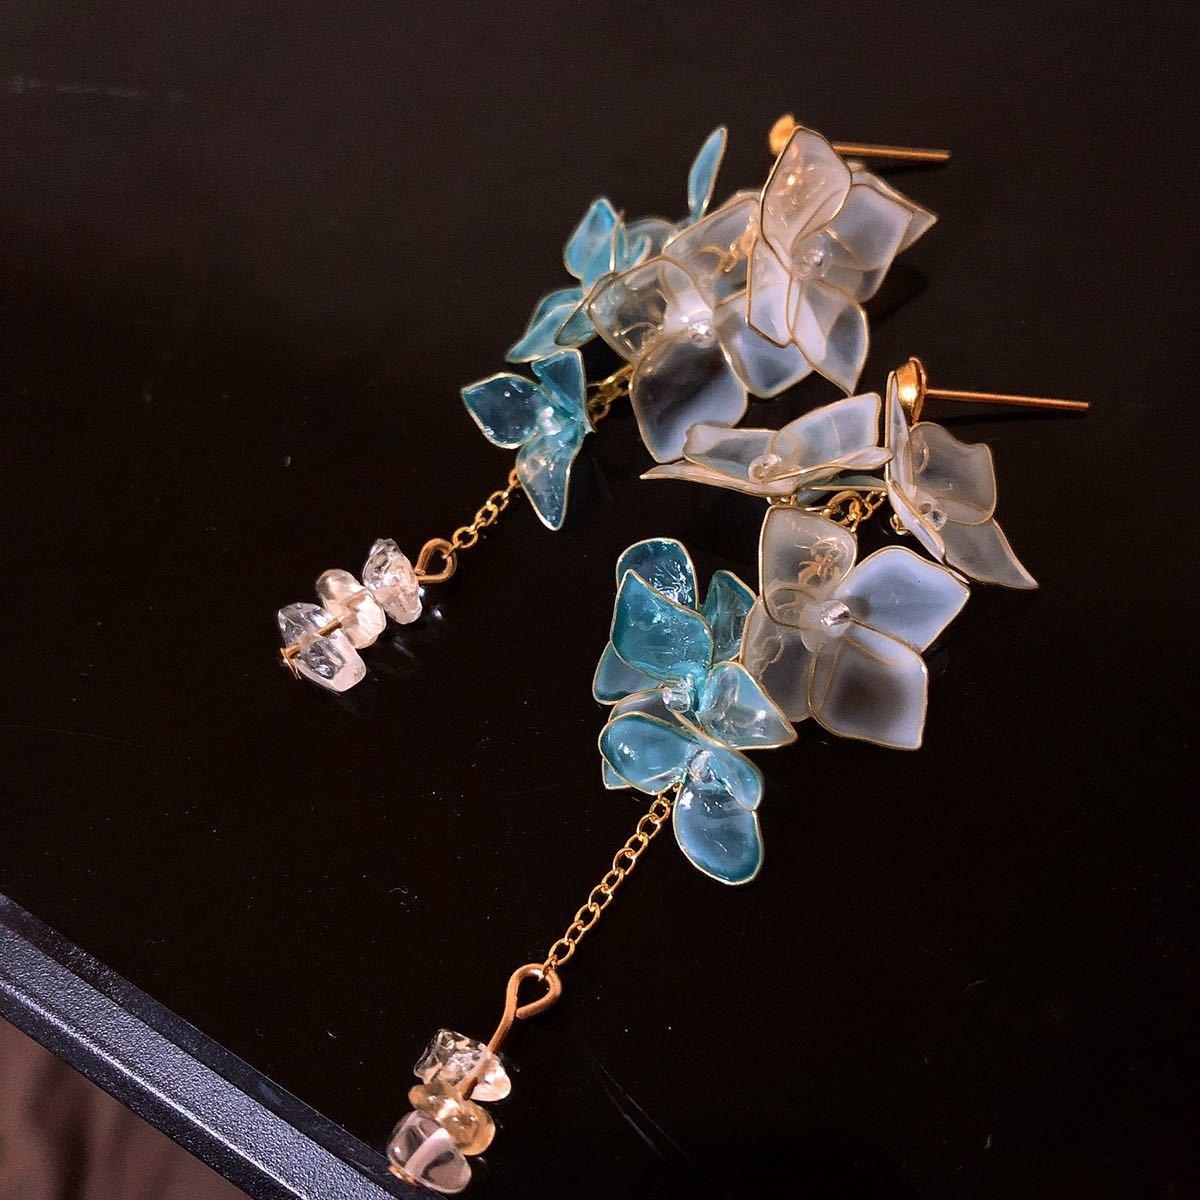 お花摘み ピアス/イヤリング ディップアート アメリカンフラワー ワイヤーフラワー デート きれい 結婚式 ブライダル 大人 可愛い 透明感_画像1